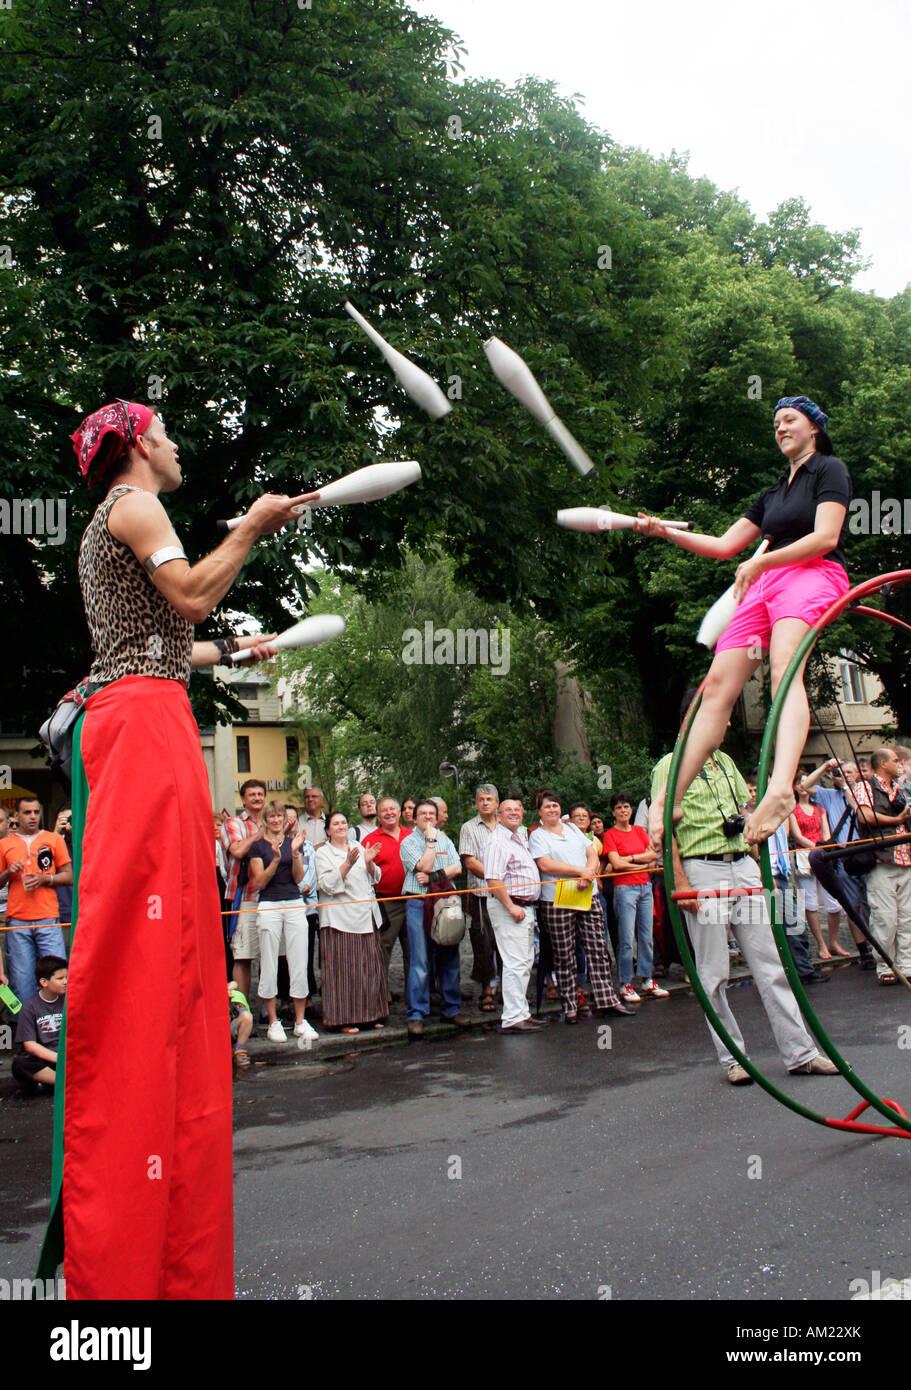 Malabaristas en el carnaval de las culturas, Kreuzberg, Berlín, Alemania Imagen De Stock